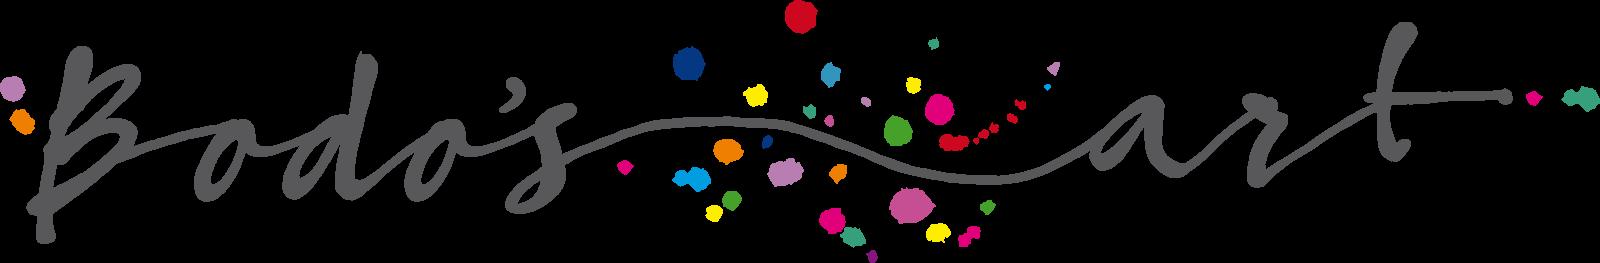 Bodosart long version logo